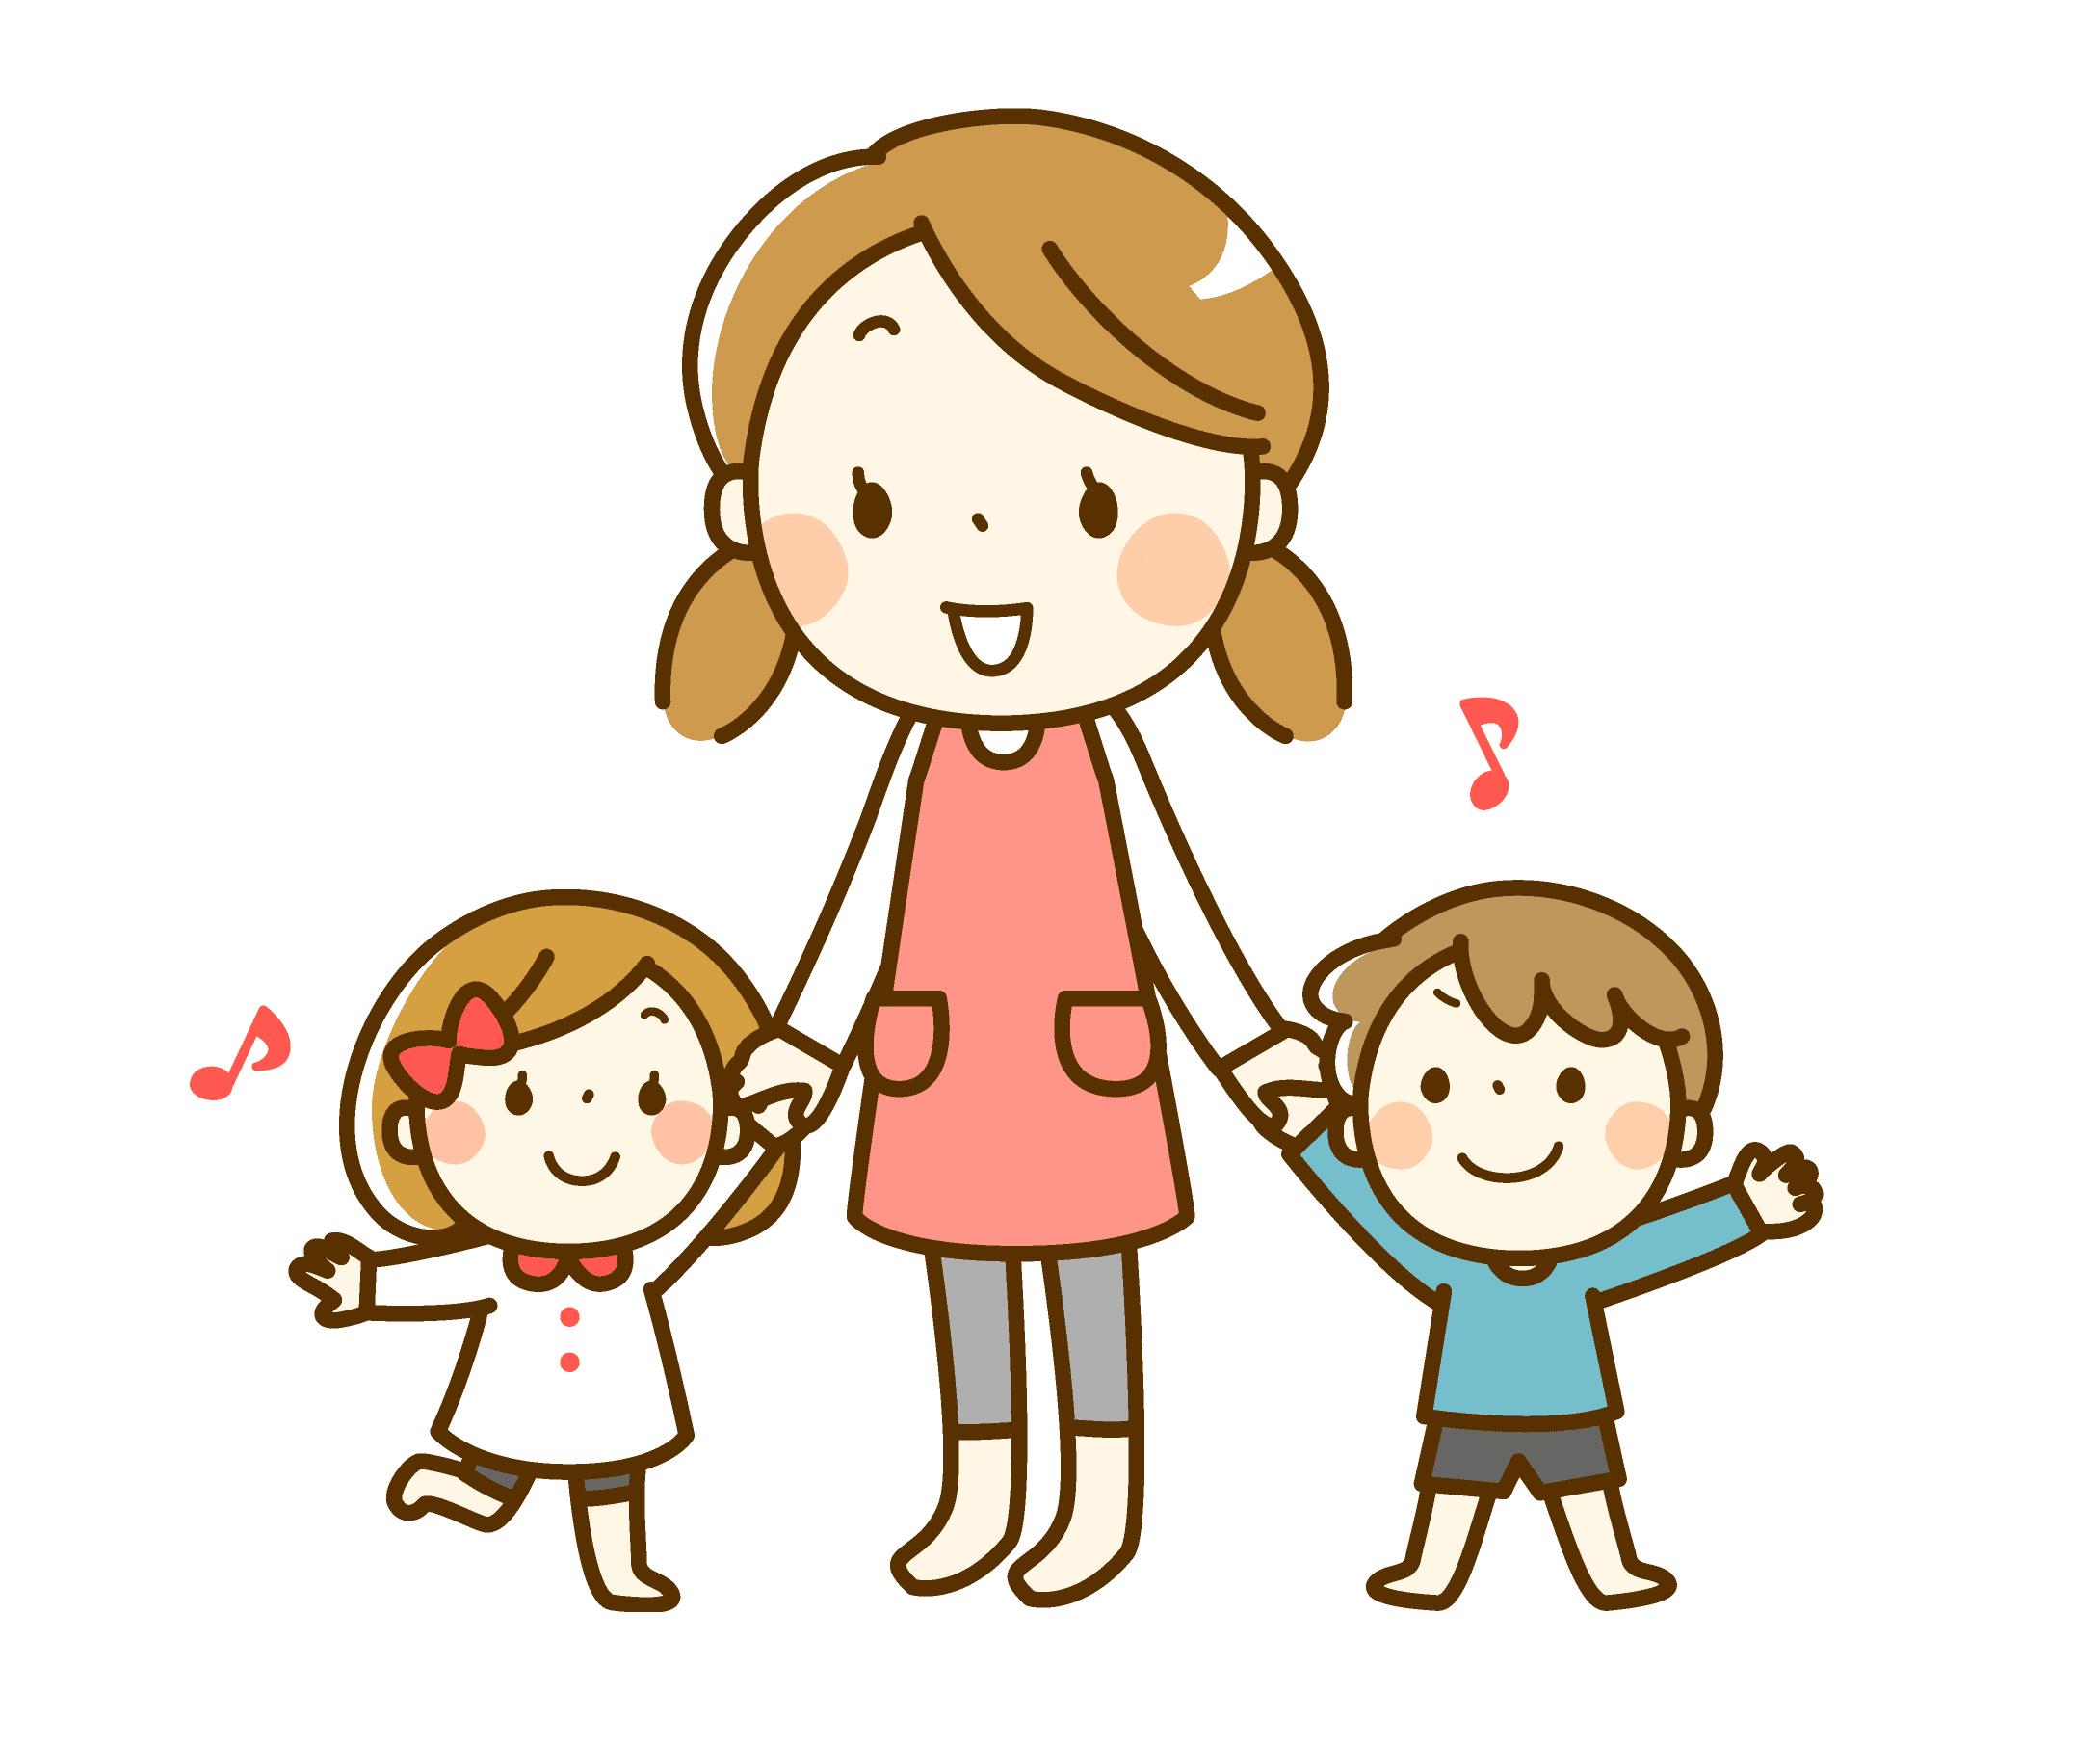 親子陪伴-媽媽陪伴著兩個小孩